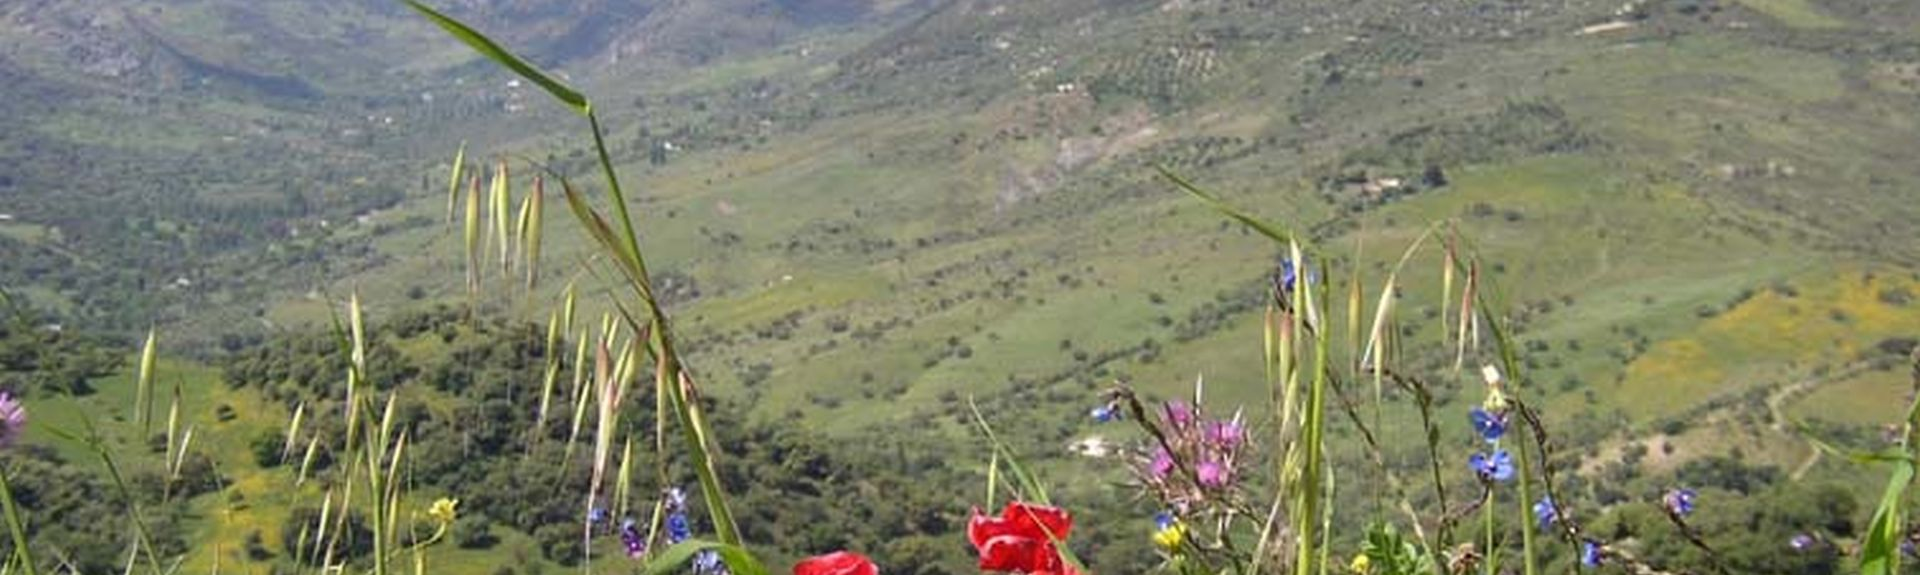 Σιέρα ντε Κάντιθ, Ανδαλουσία, Ισπανία